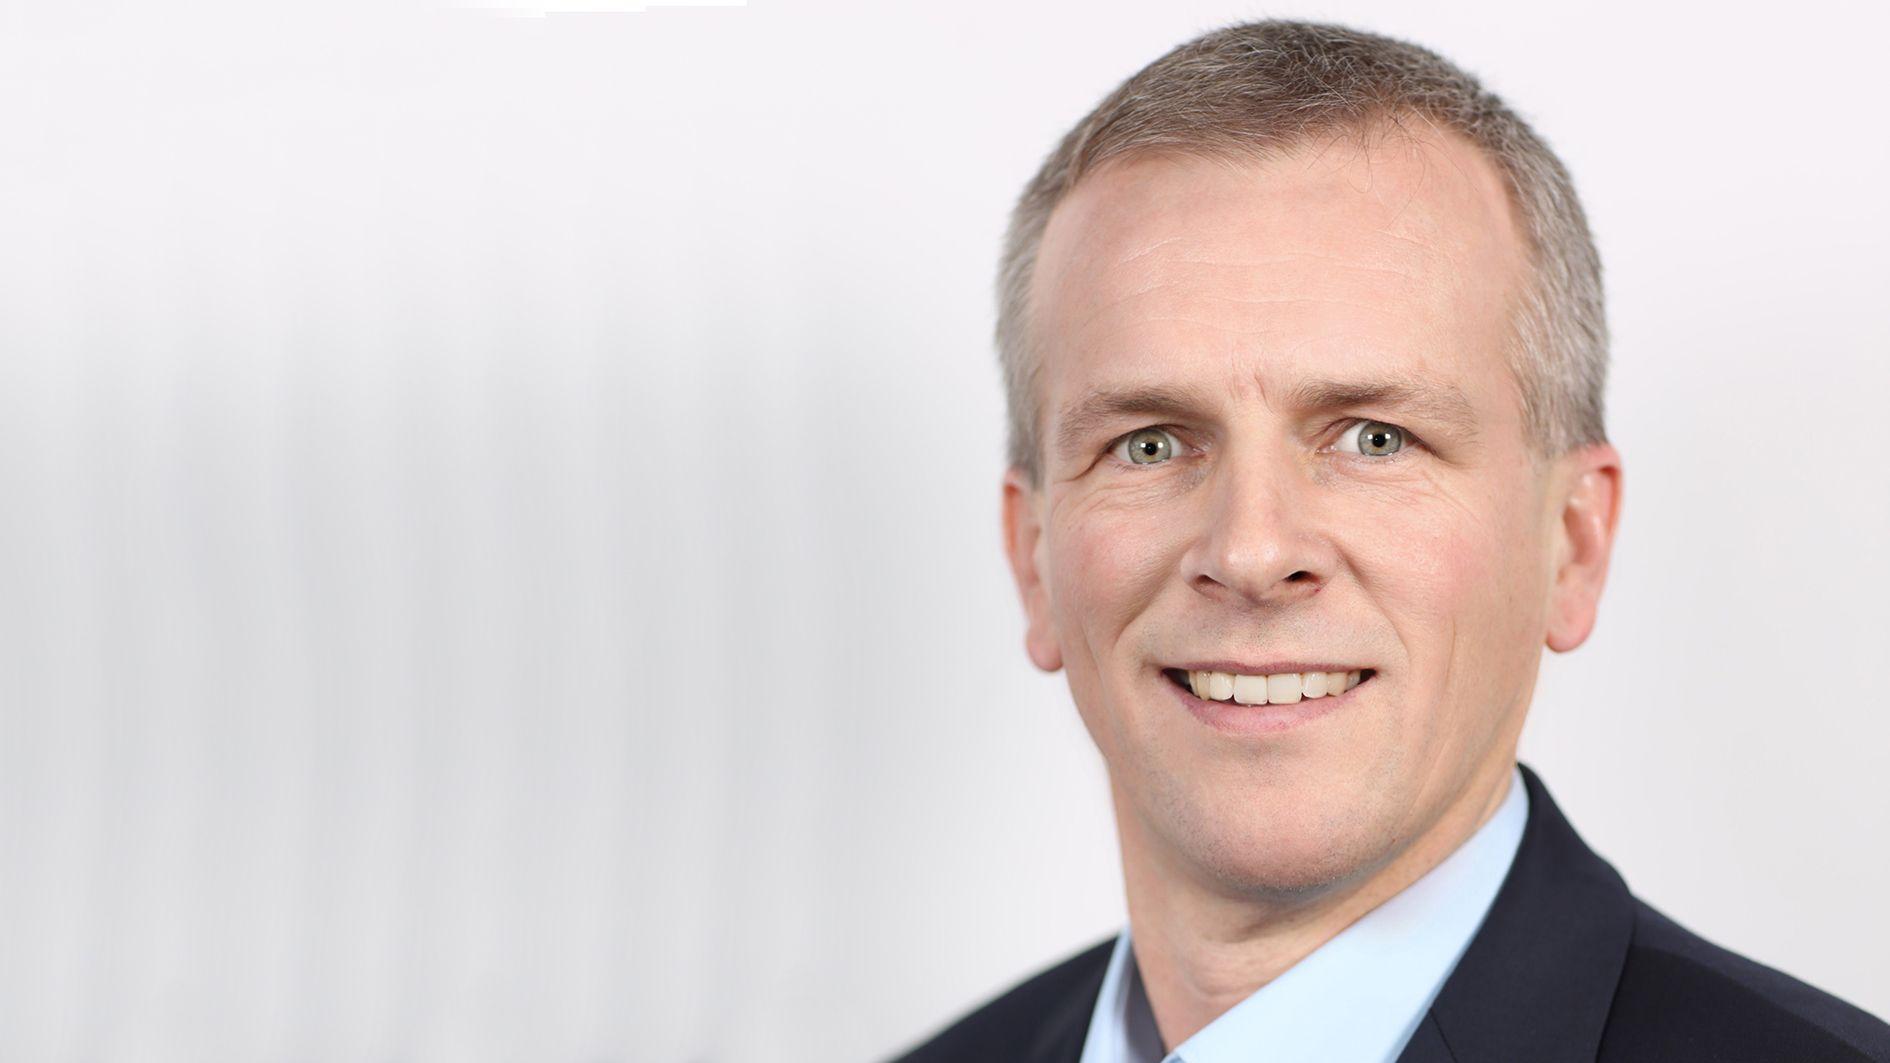 Am 12. September wird Frank Beumker als Bürgermeisterkandidat für die CDU auf dem Wahlzettel stehen. Foto: Beumker